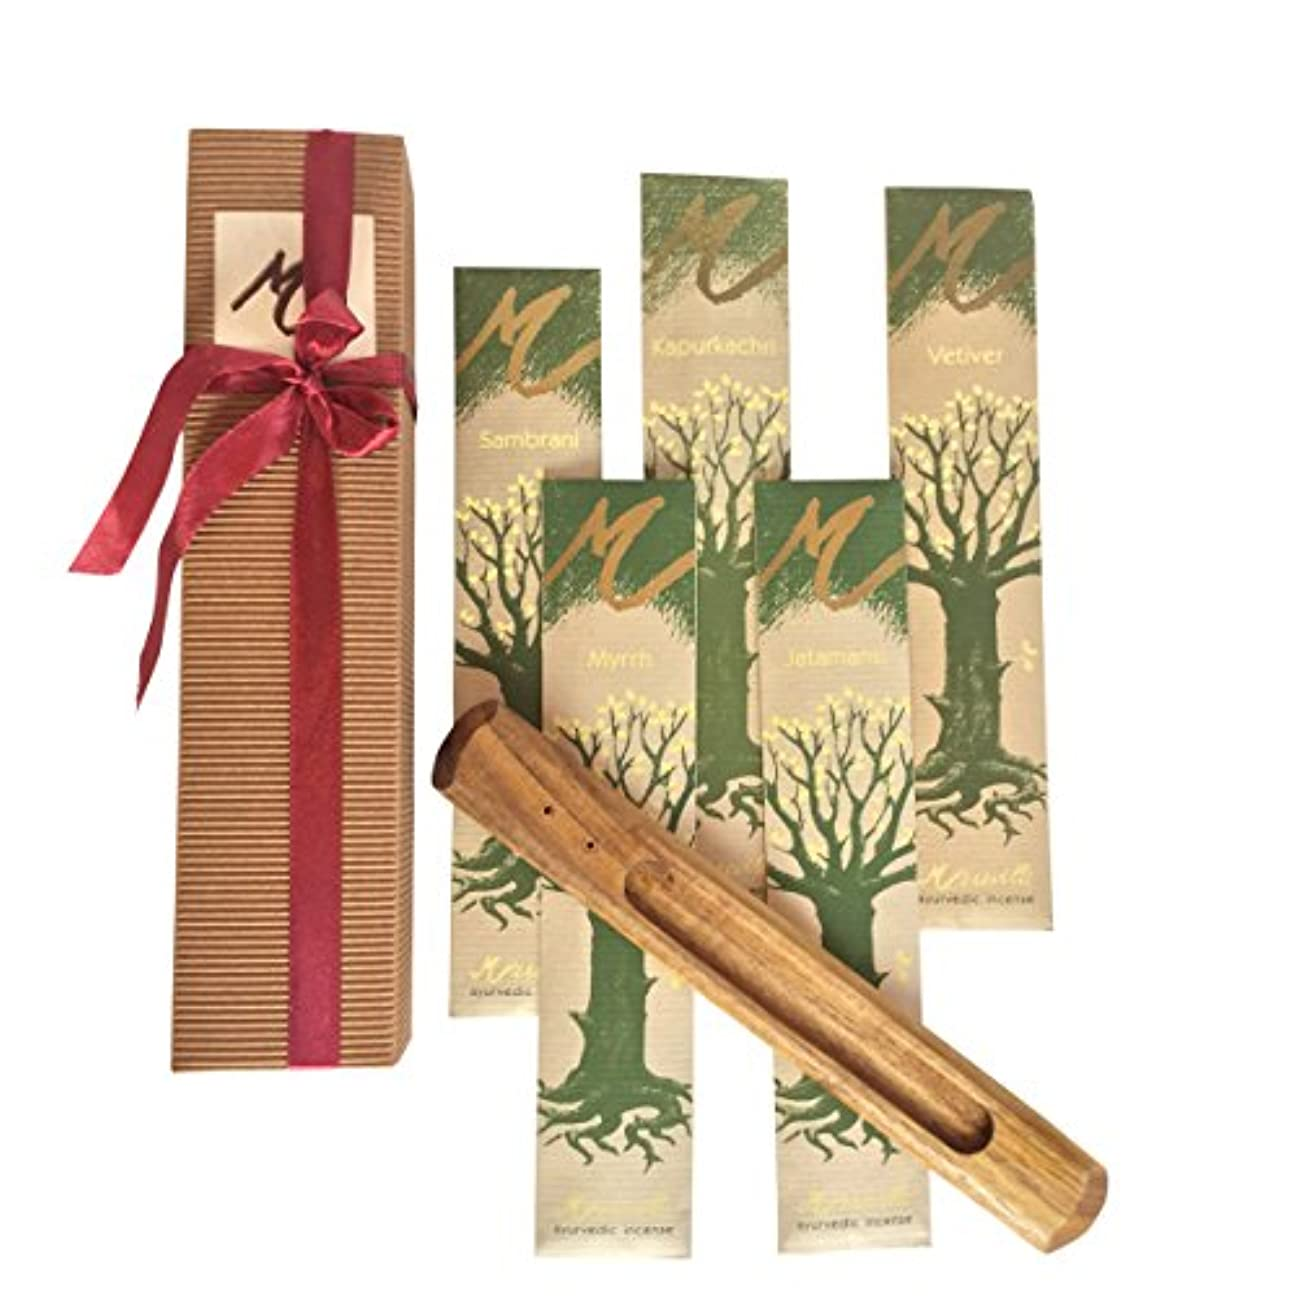 超えてお風呂を持っている無数のプレミアムIncense Sticks , Ayurvedic Aromaticお香ギフトセットボックスには5種類のお香( Jatamansi、kapurkachuri、Myrrh、ベチバー、Sambrani )と木製スティックホルダー...